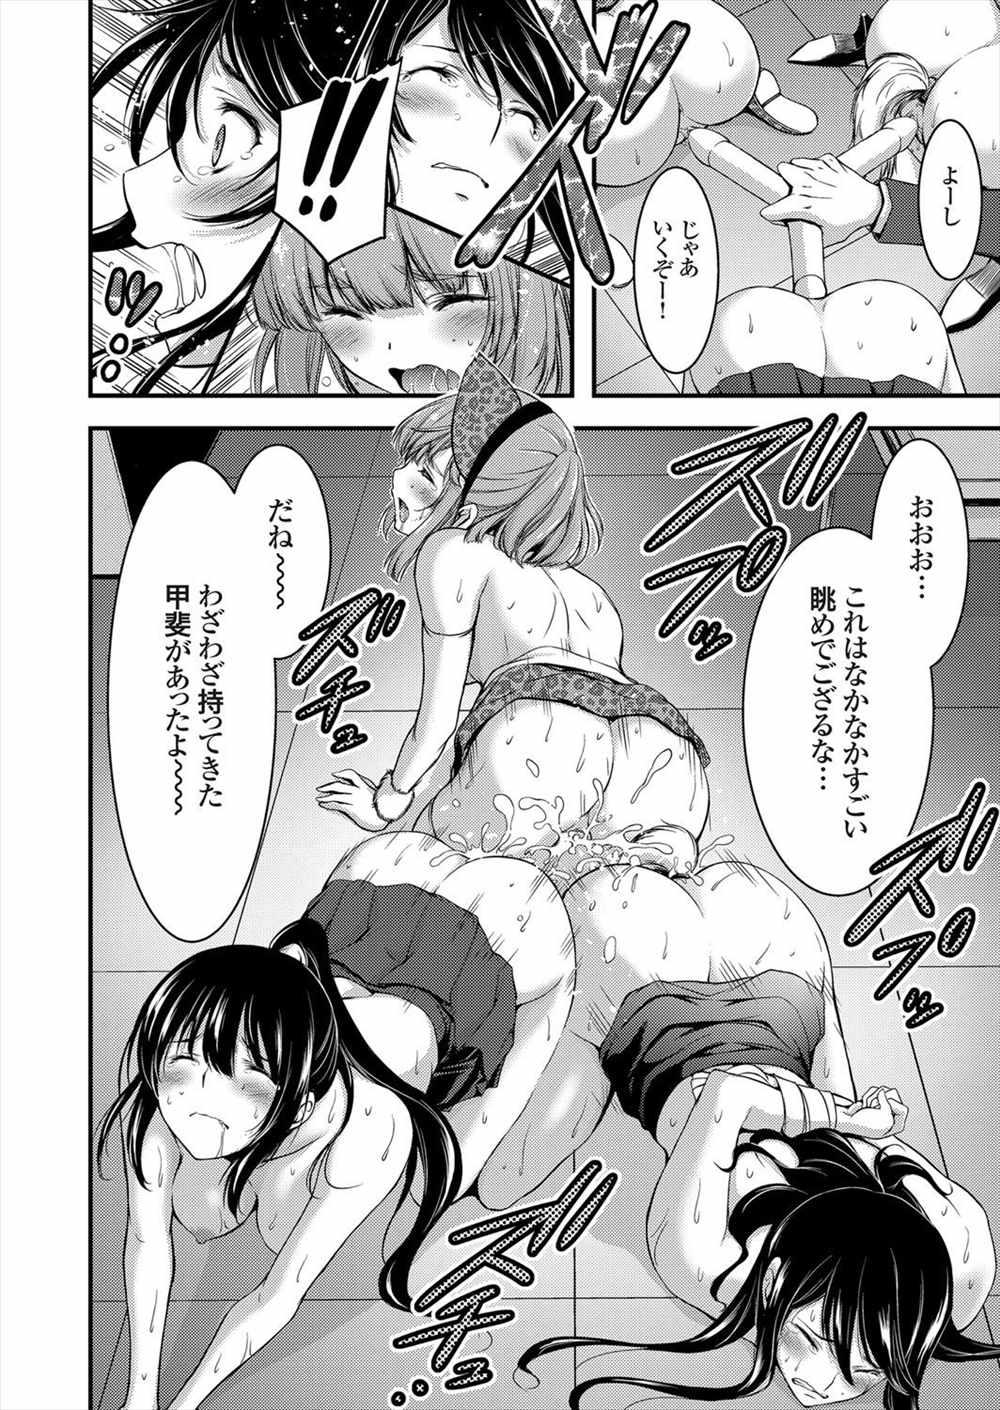 【エロ漫画】性奴隷としてJKを飼い調教ペットプレイする同好会…女の子は男子の性欲処理として扱われる…